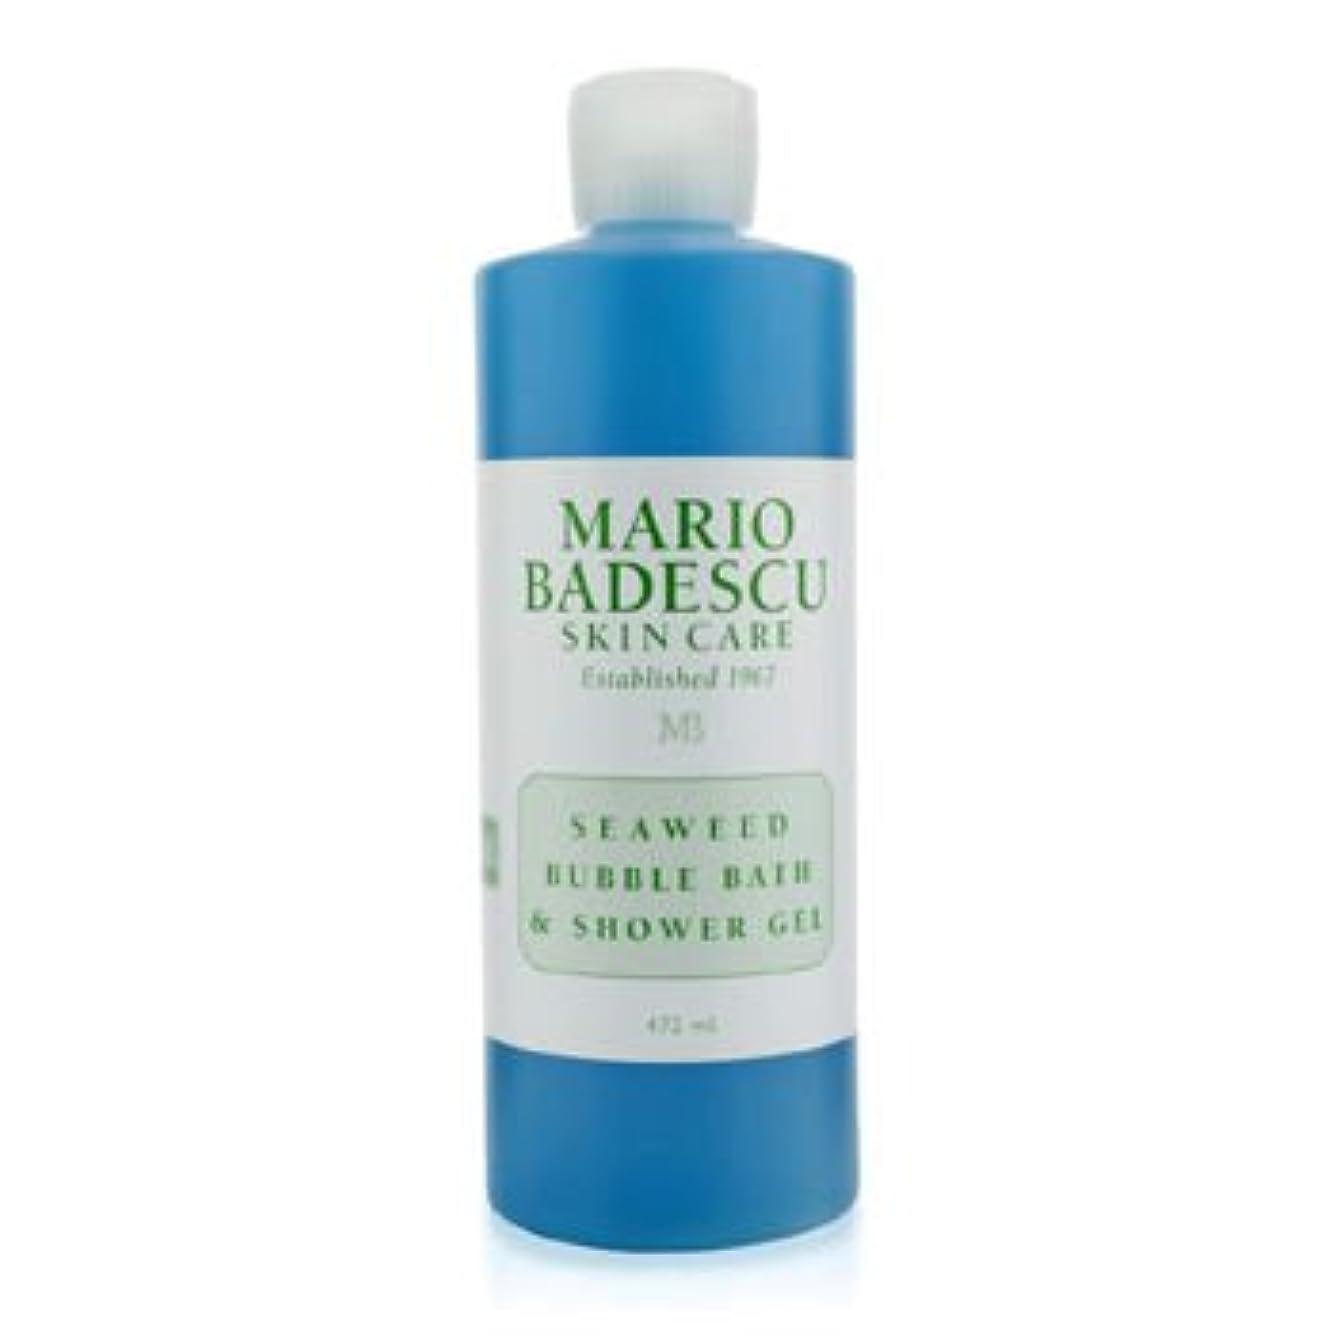 トランクライブラリ識別毒性[Mario Badescu] Seaweed Bubble Bath & Shower Gel 472ml/16oz